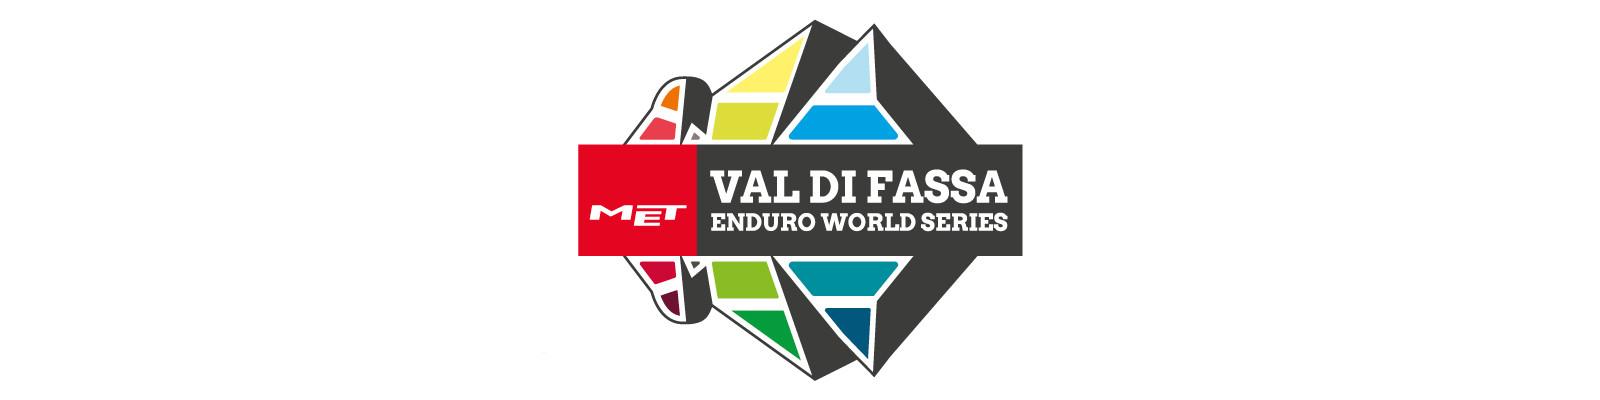 Enduro World Series #4 Course Map, Stage Descriptions - Val Di Fassa ...